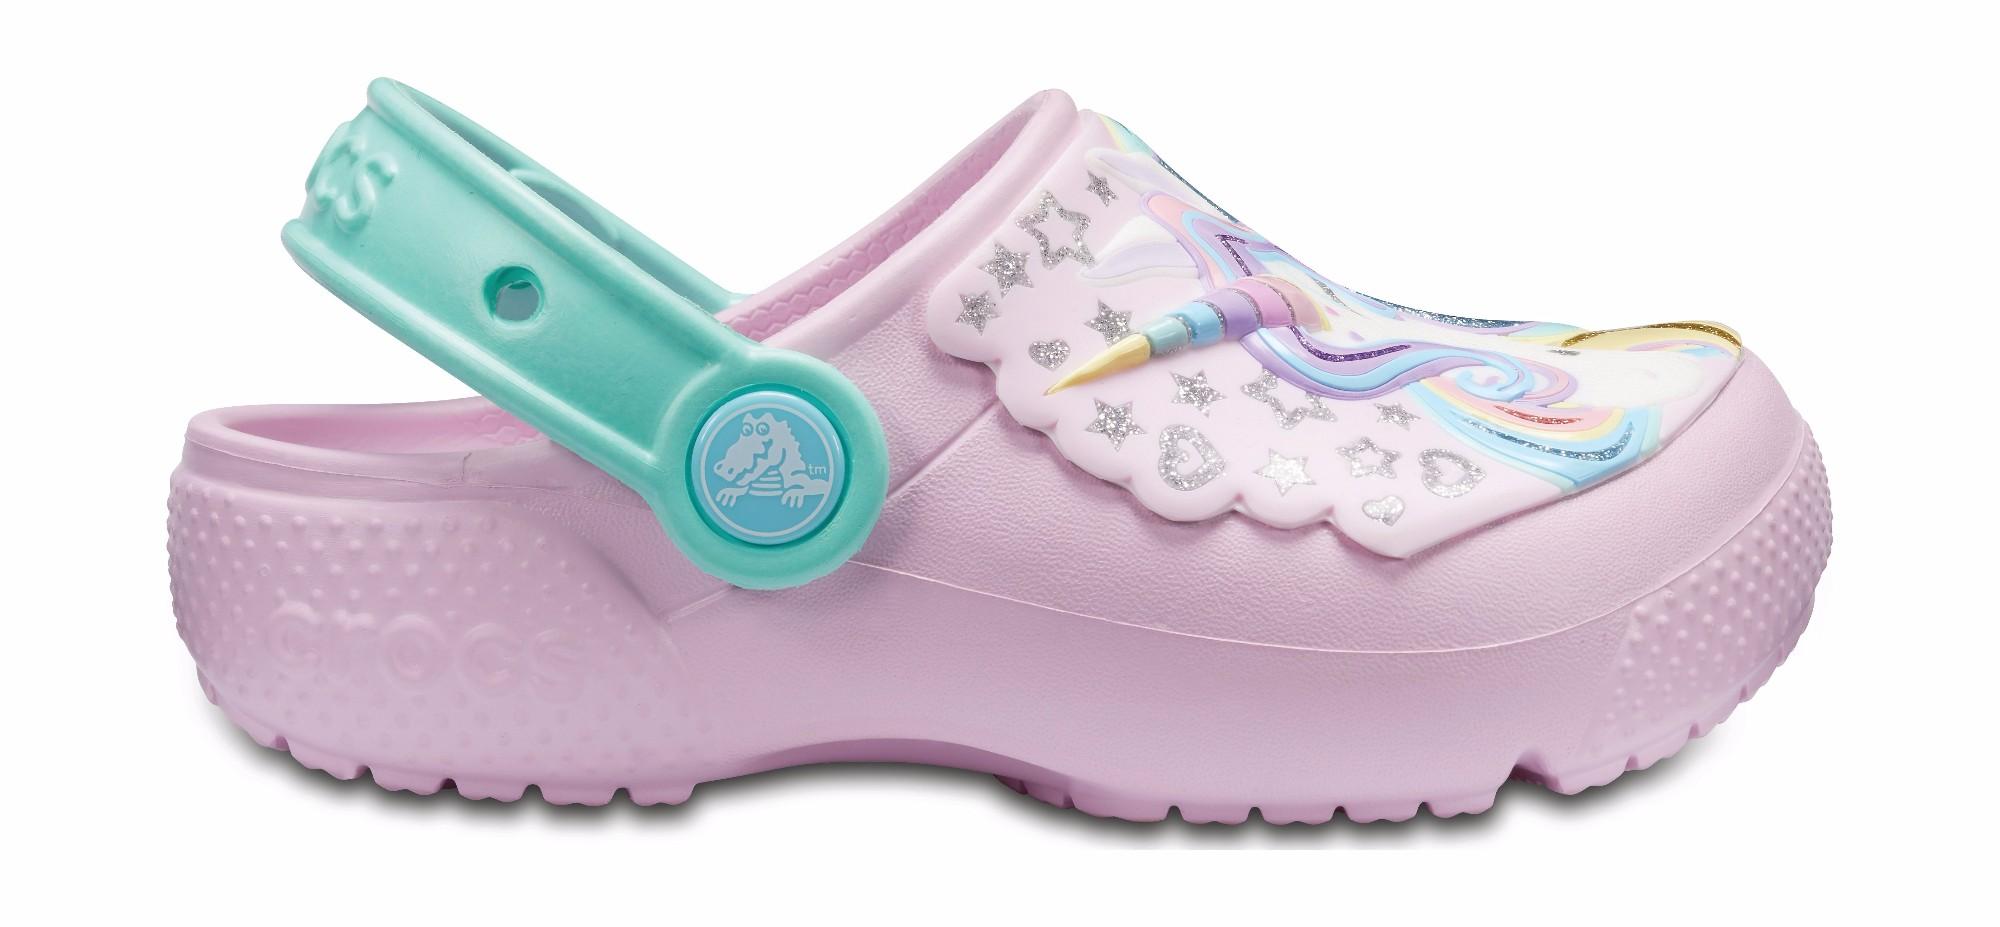 Crocs™ Funlab Clog Ballerina Pink/New Mint 28